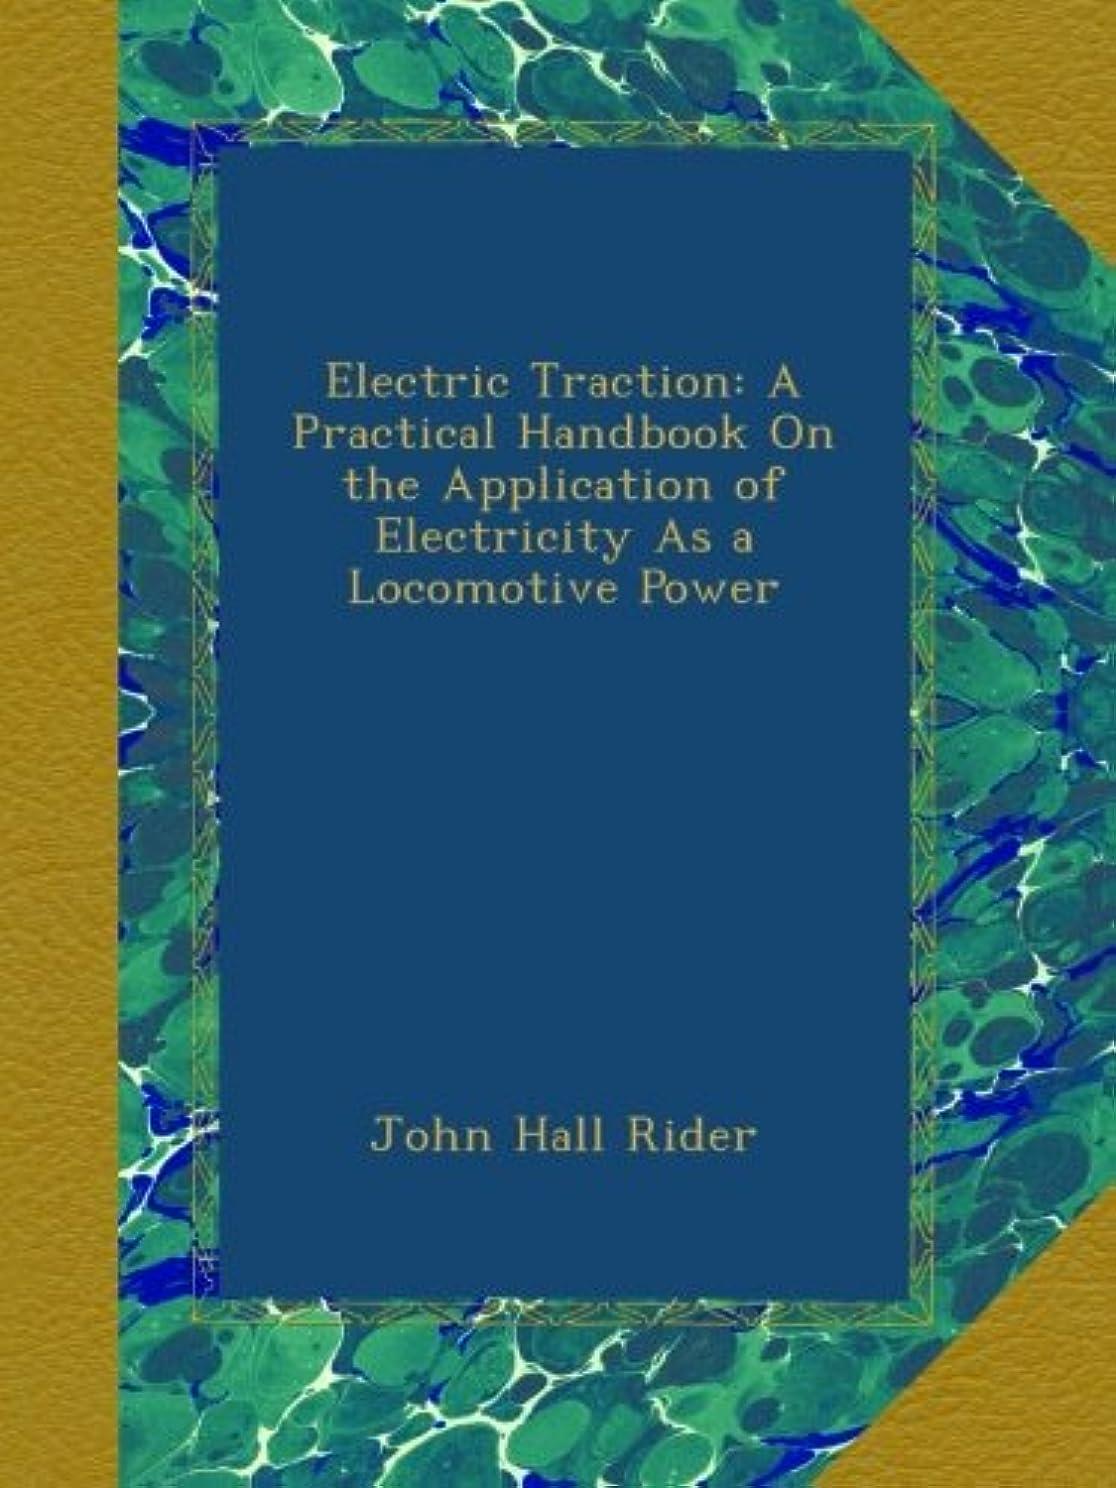 悲惨な水星異なるElectric Traction: A Practical Handbook On the Application of Electricity As a Locomotive Power